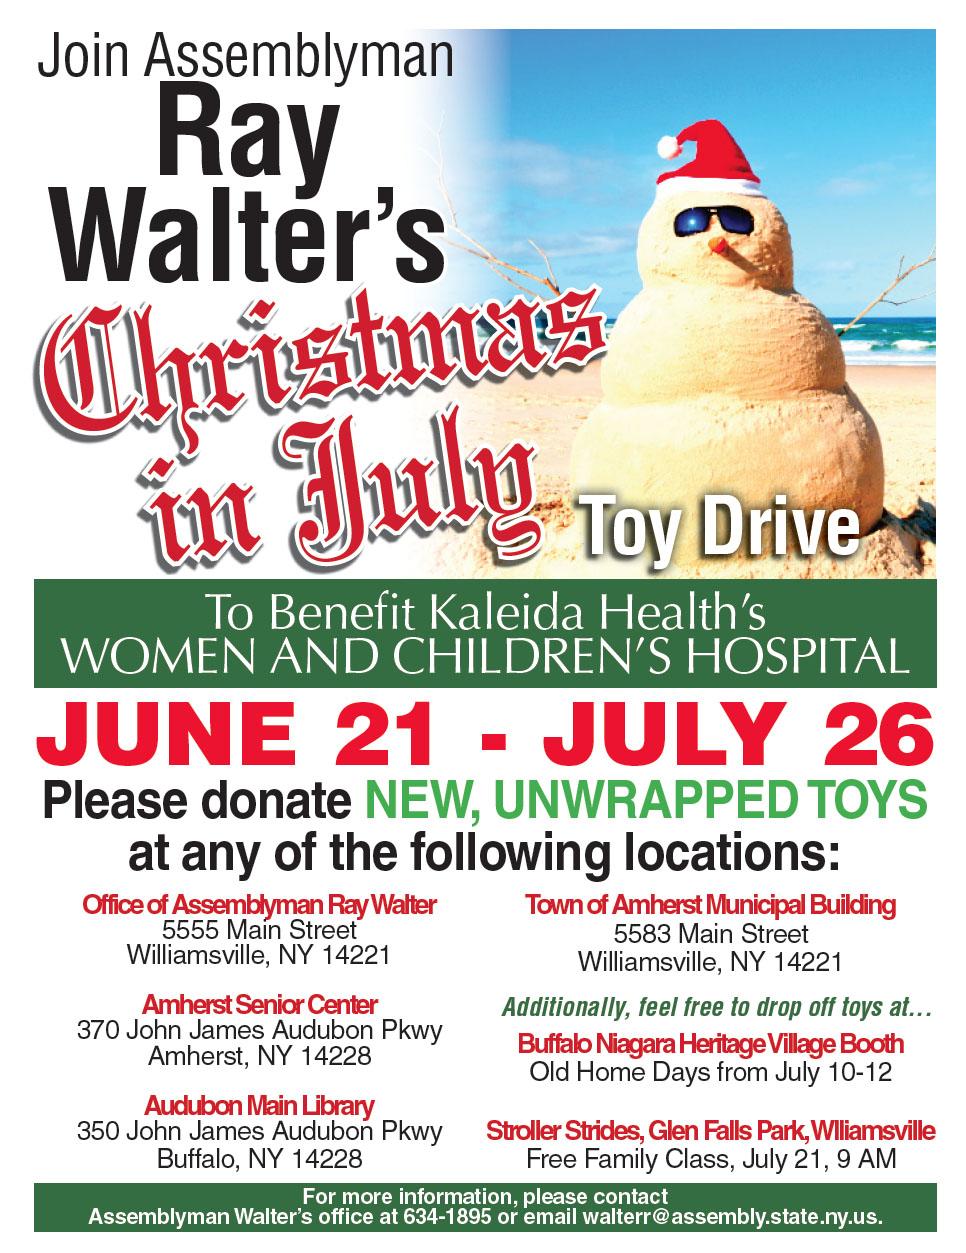 Walter_CIJ_Locations_Flyer.jpg